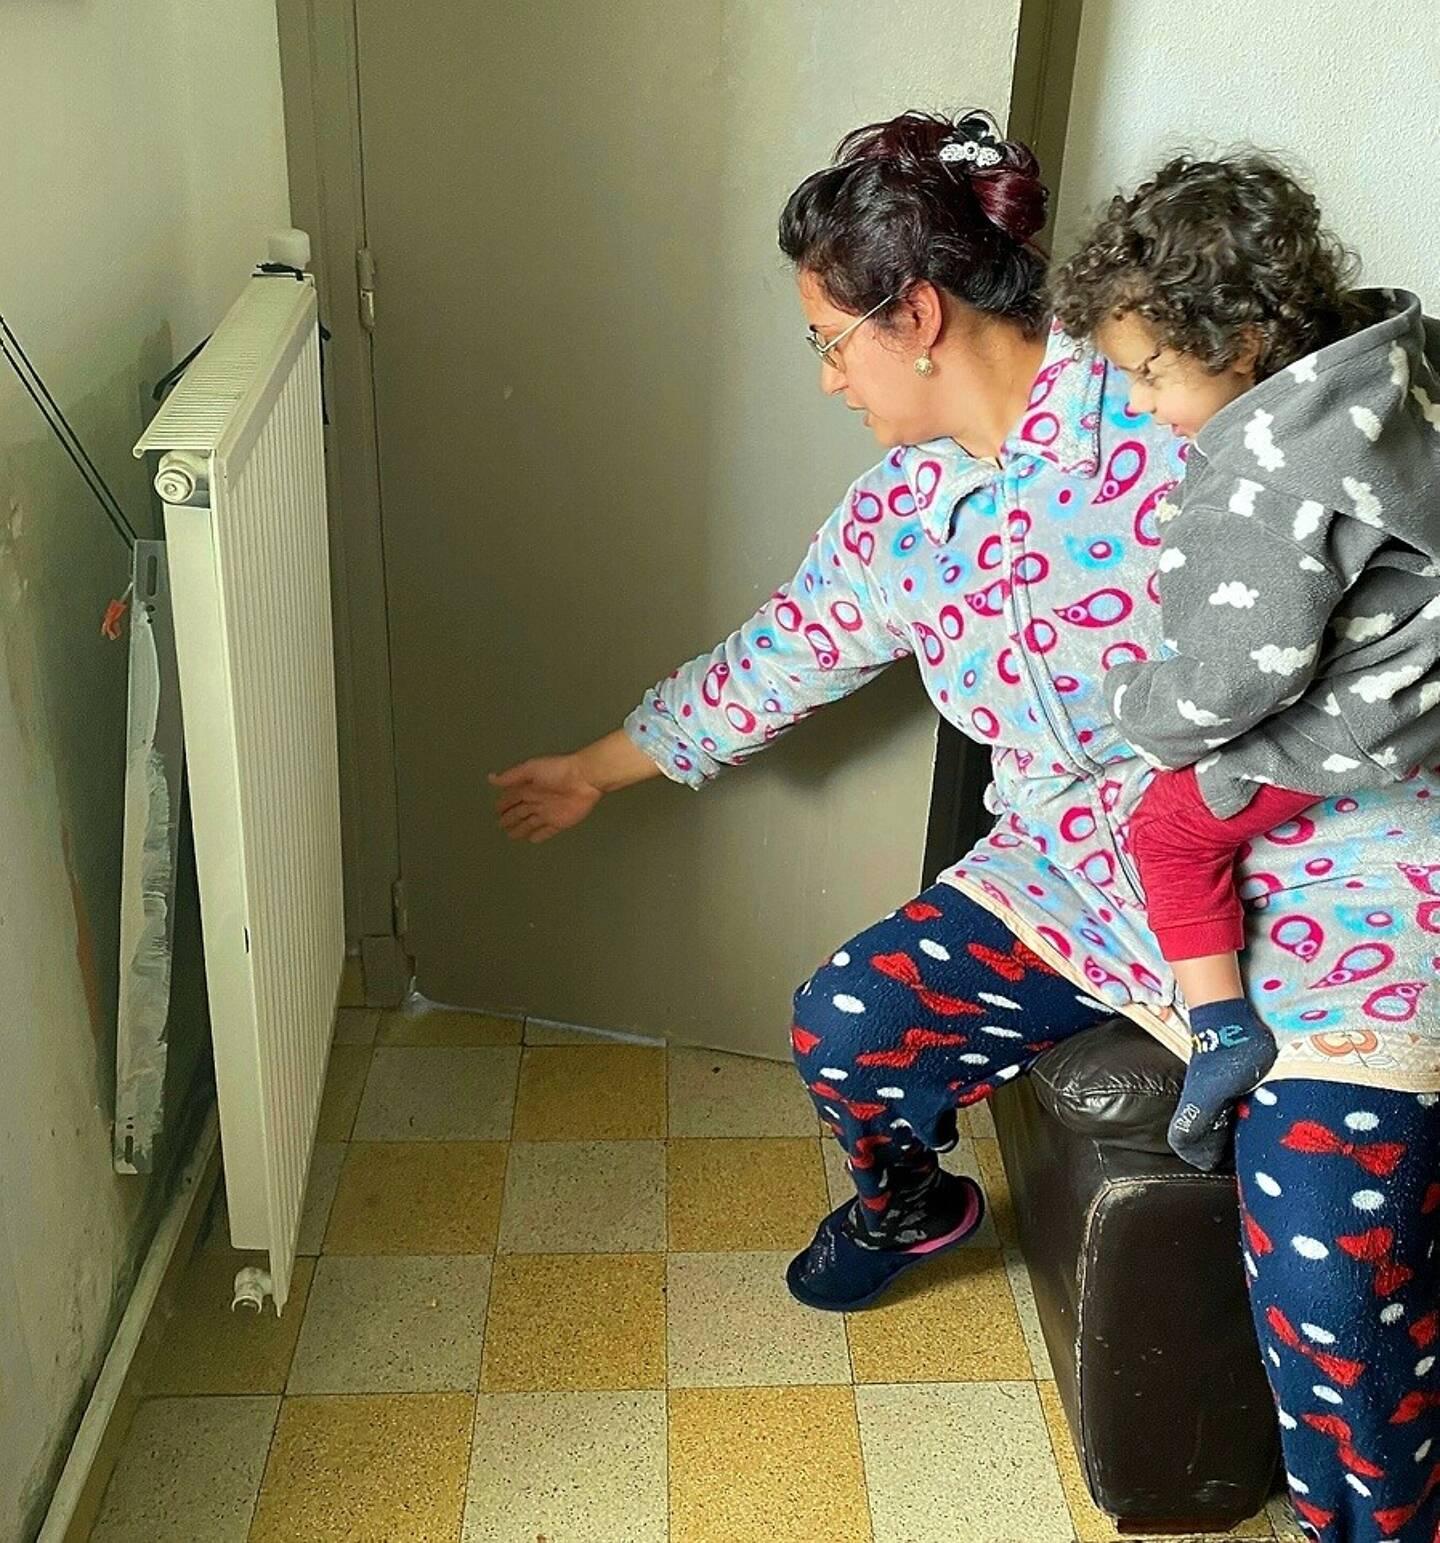 Une locataire montre le radiateur descellé dans un appartement où vivent des enfants.